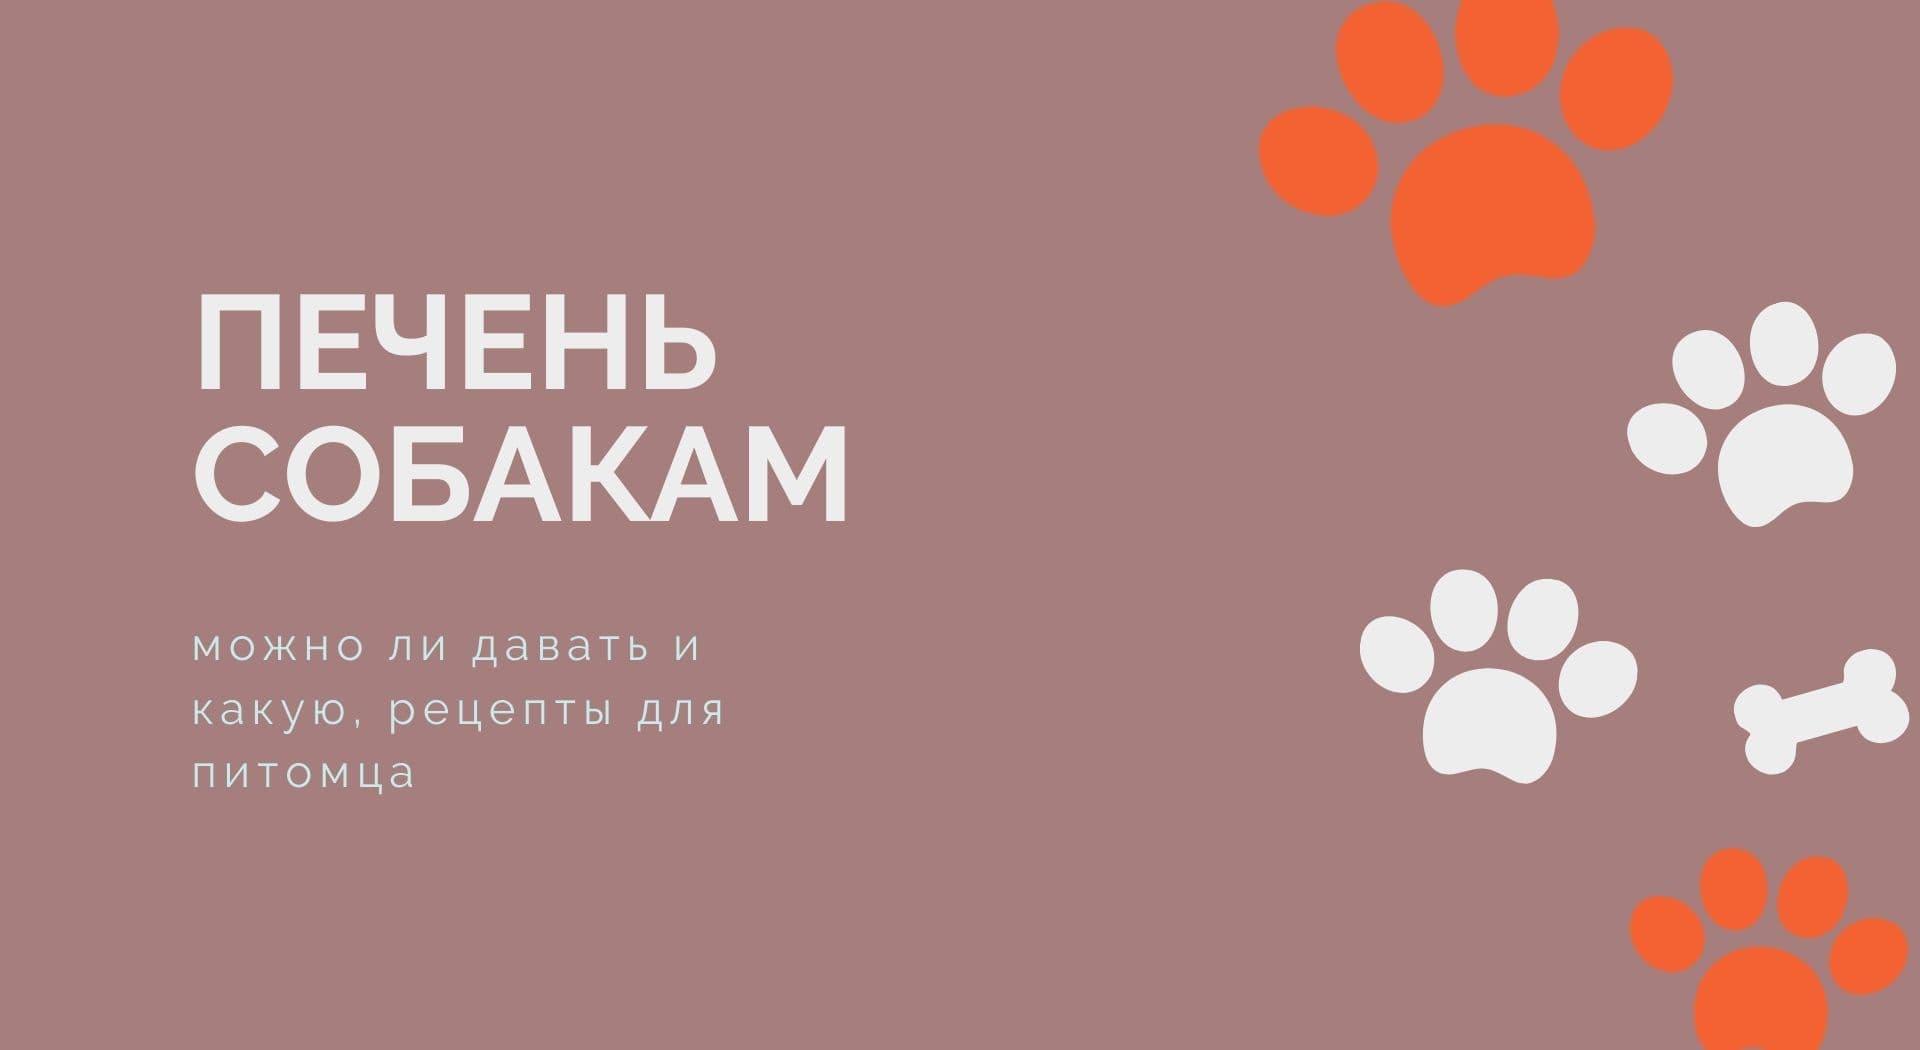 Печень собакам: можно ли давать и какую, рецепты для питомца